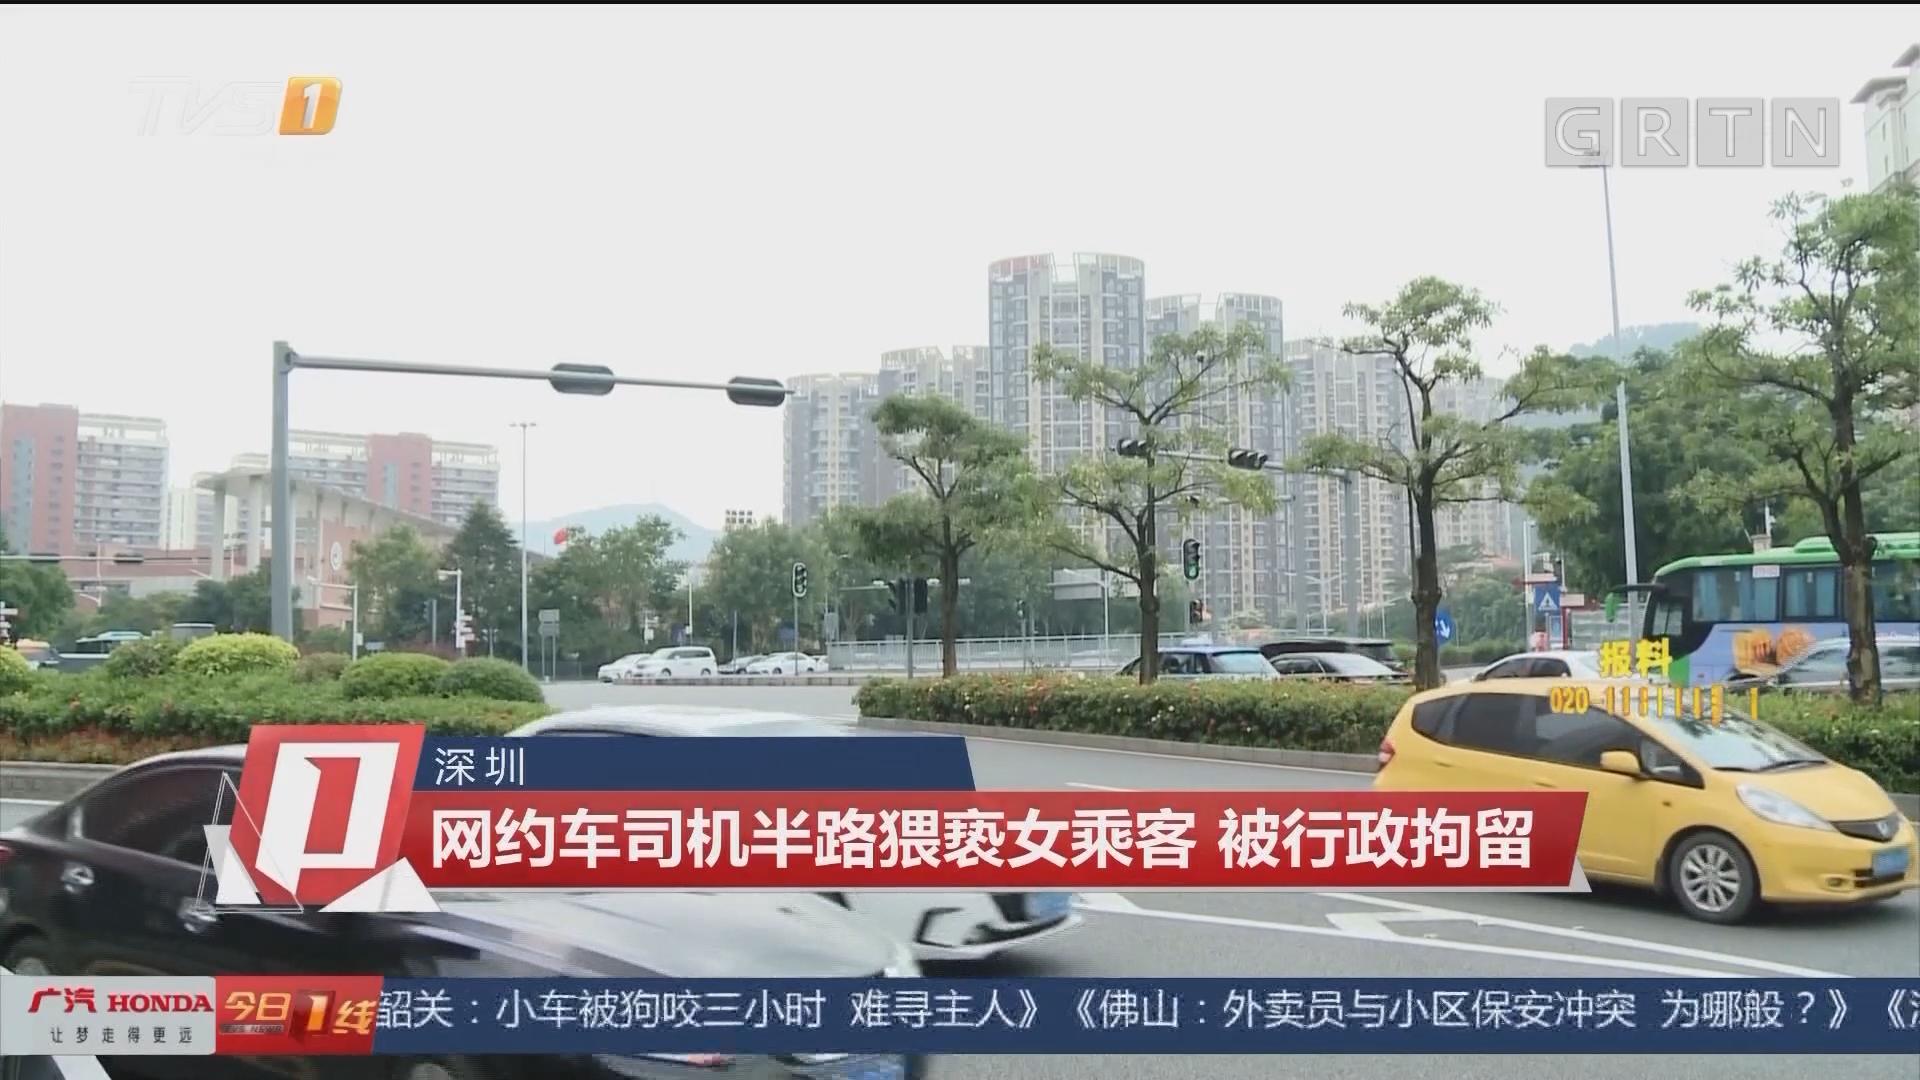 深圳 网约车司机半路猥亵女乘客 被行政拘留